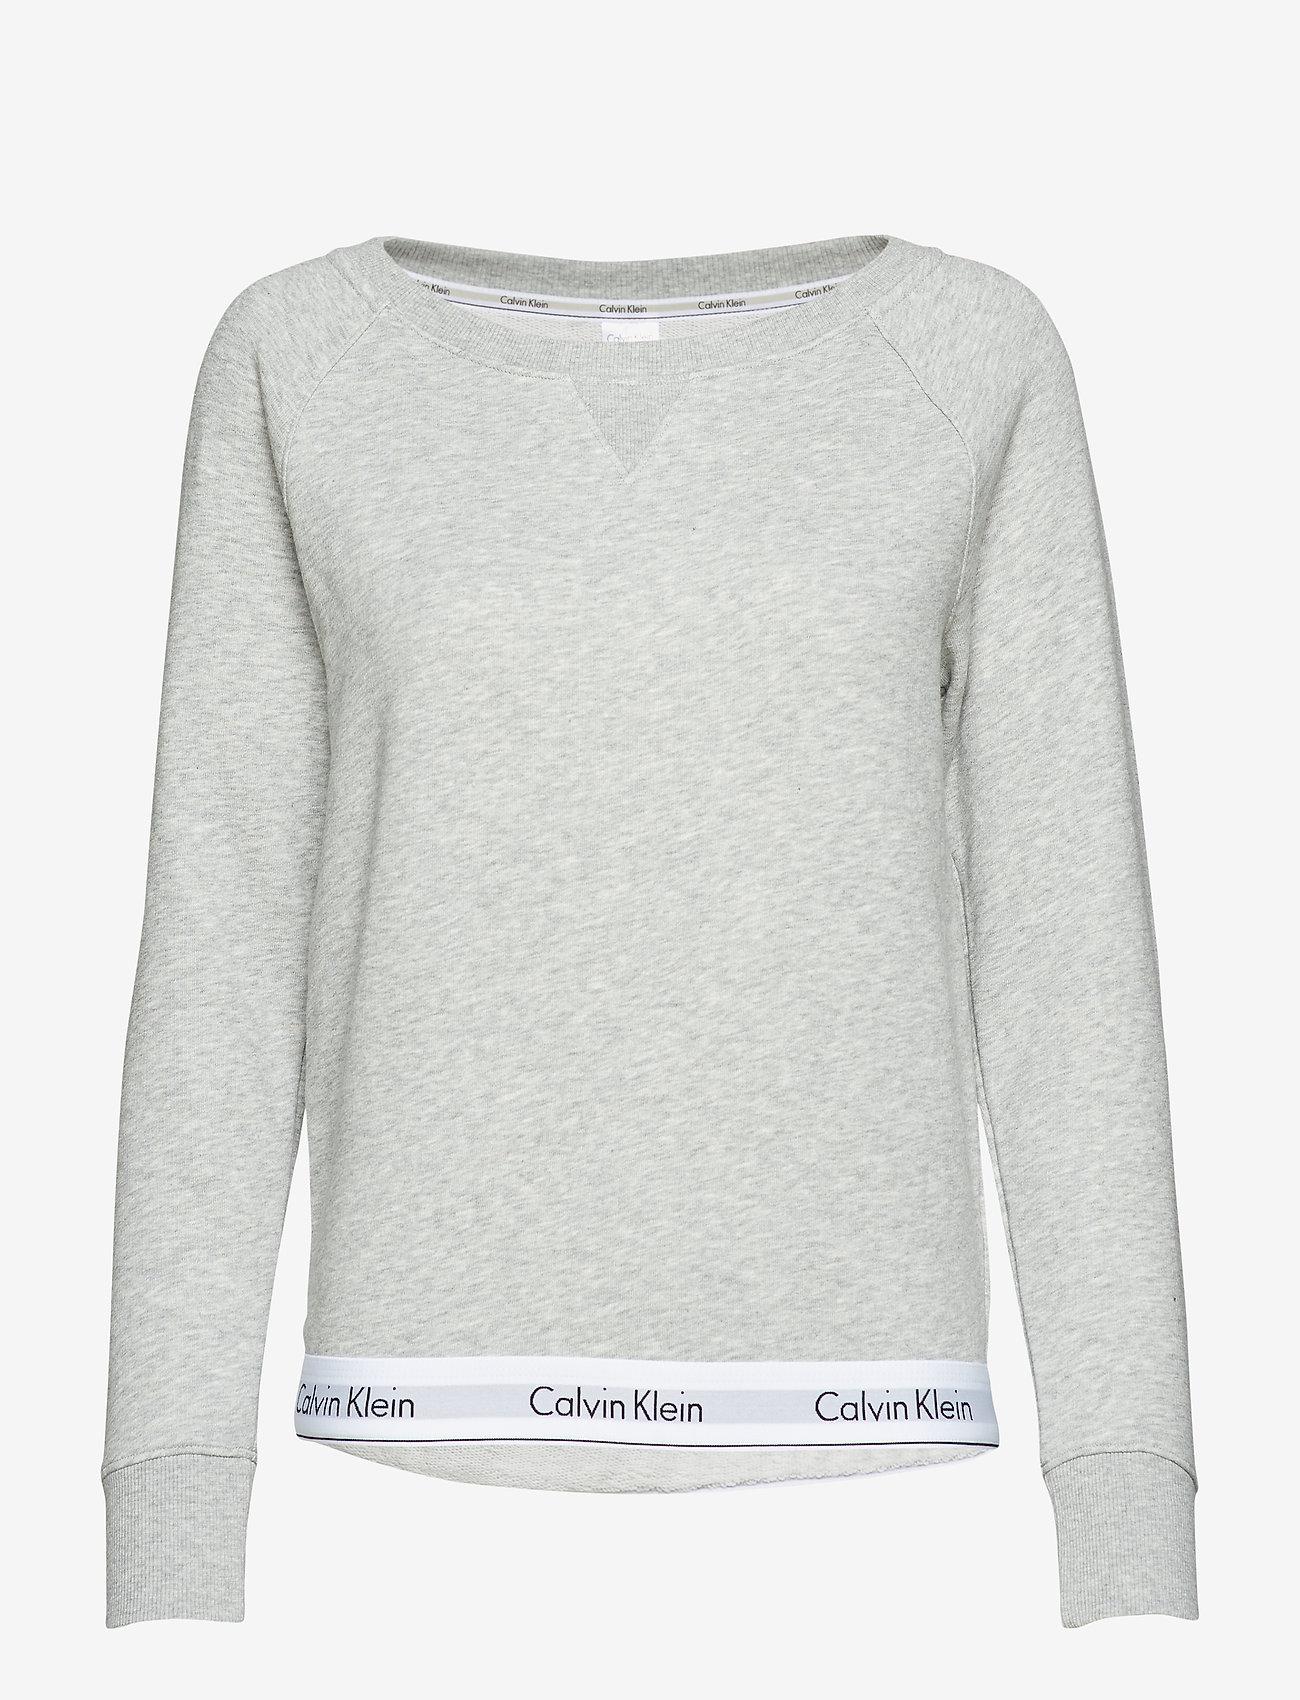 Calvin Klein - TOP SWEATSHIRT LONG SLEEVE - overdeler - grey heather - 0